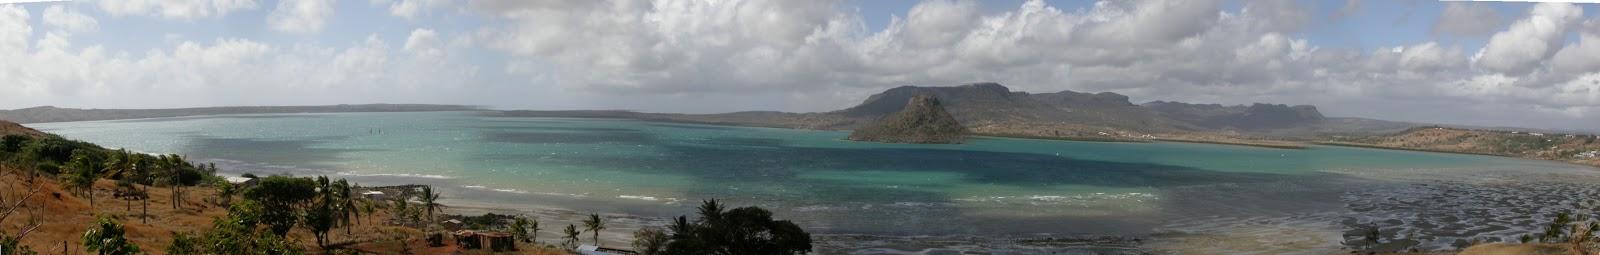 la baie de Diego Suarez un jour de très fort vent